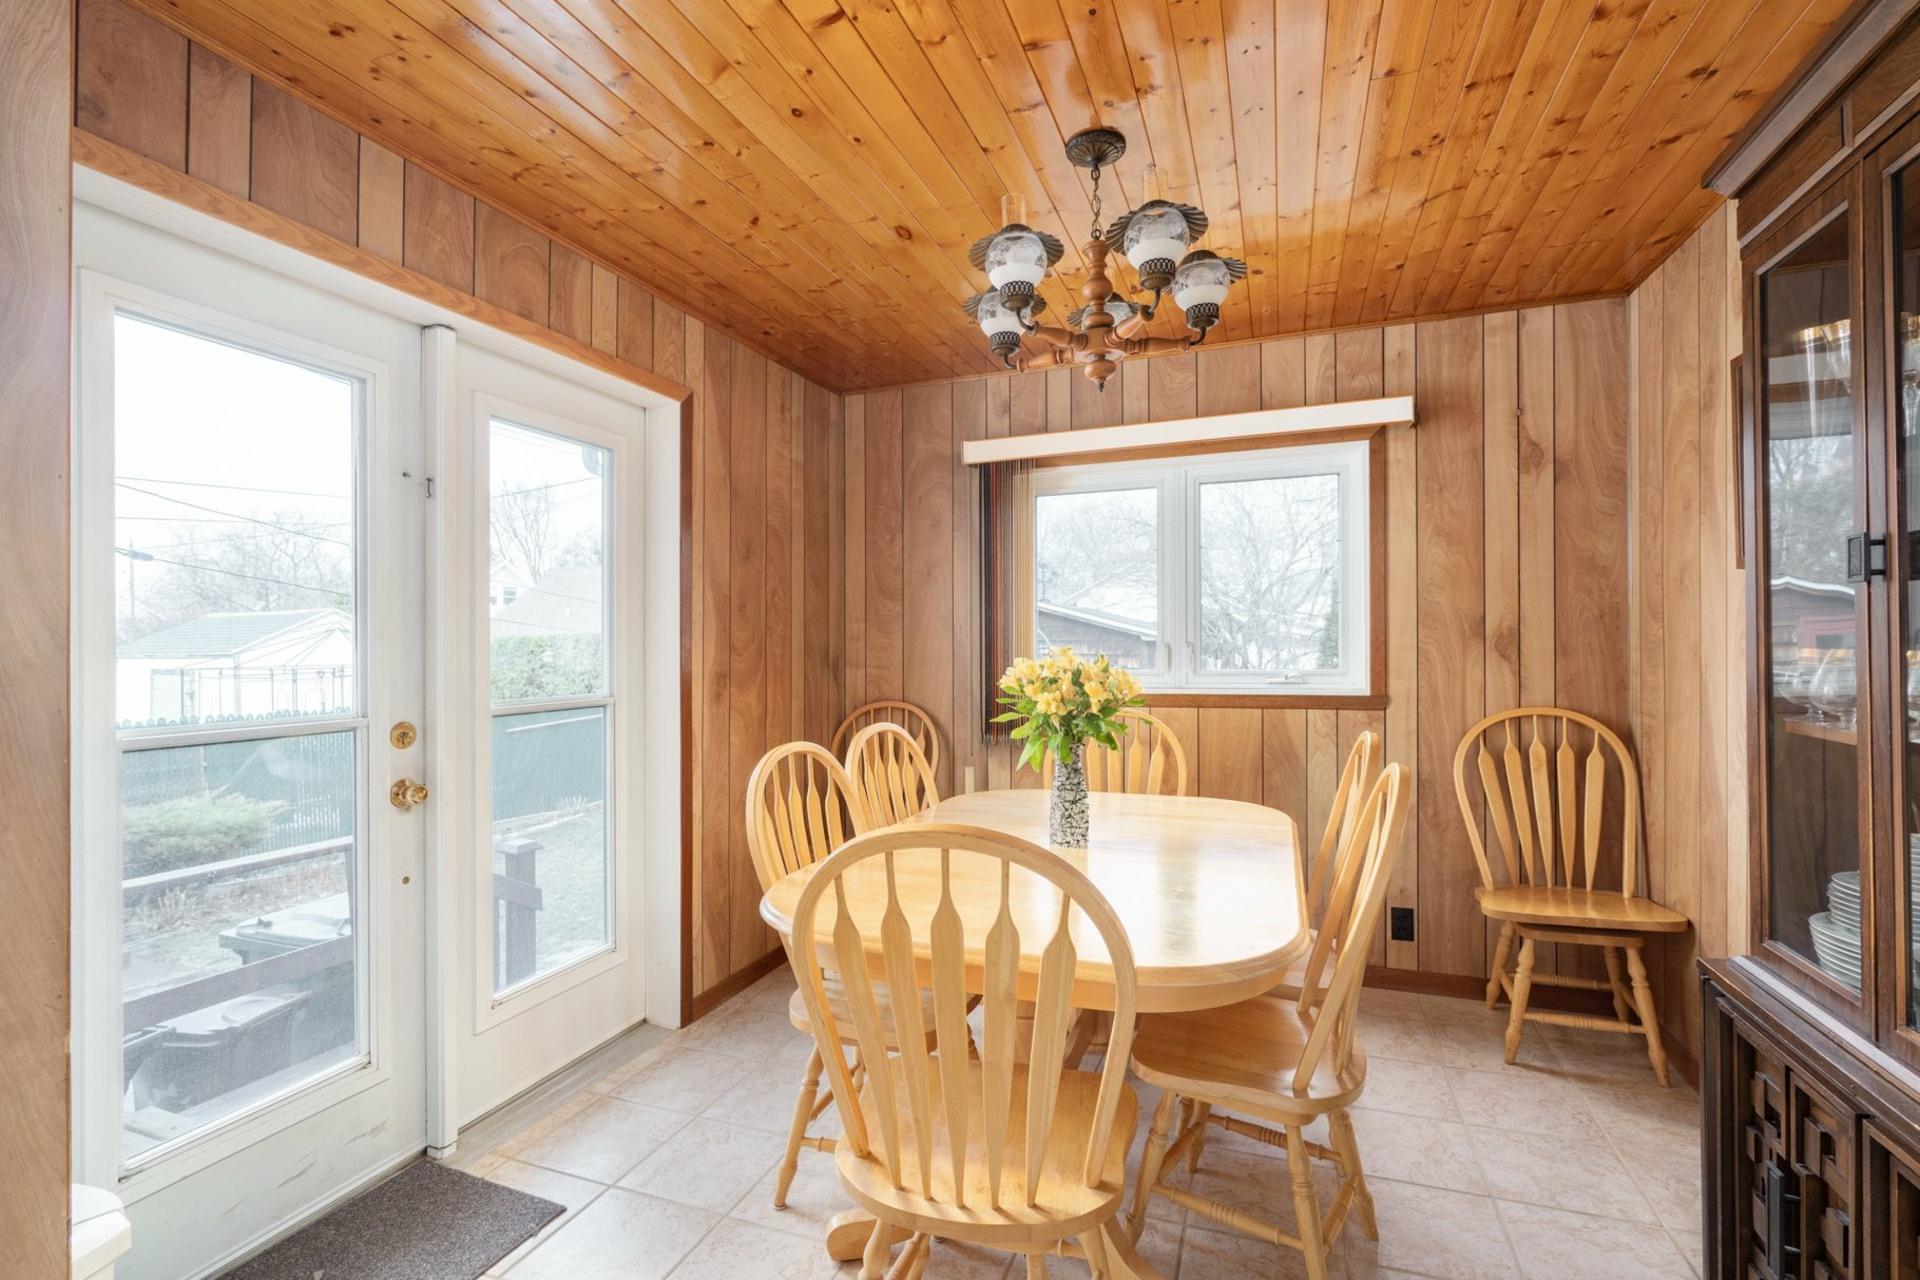 image 5 - House For sale Saint-Laurent Montréal  - 9 rooms